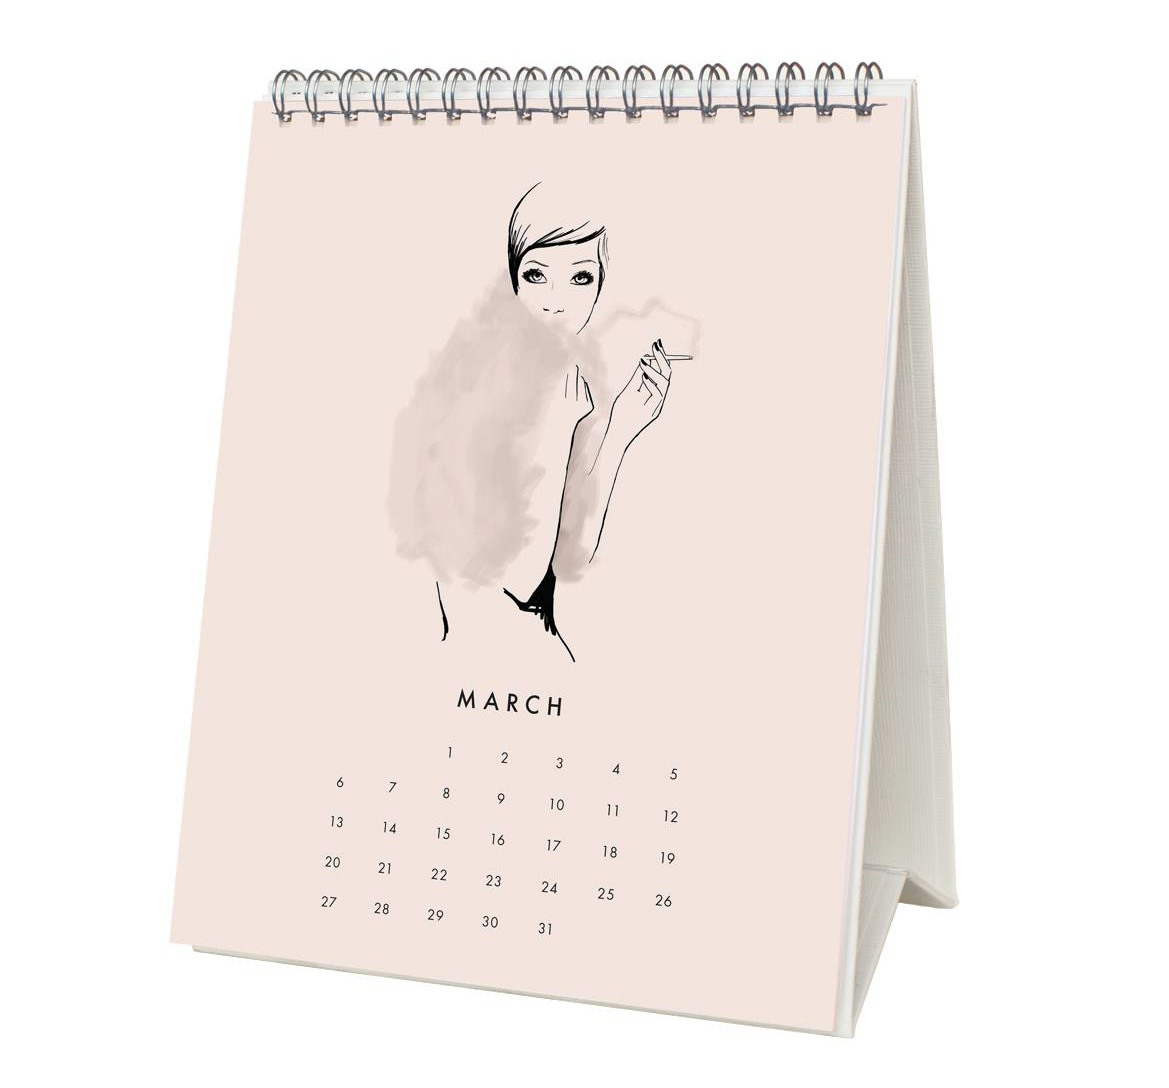 Garance Dore 2016 Desk Calendar - March